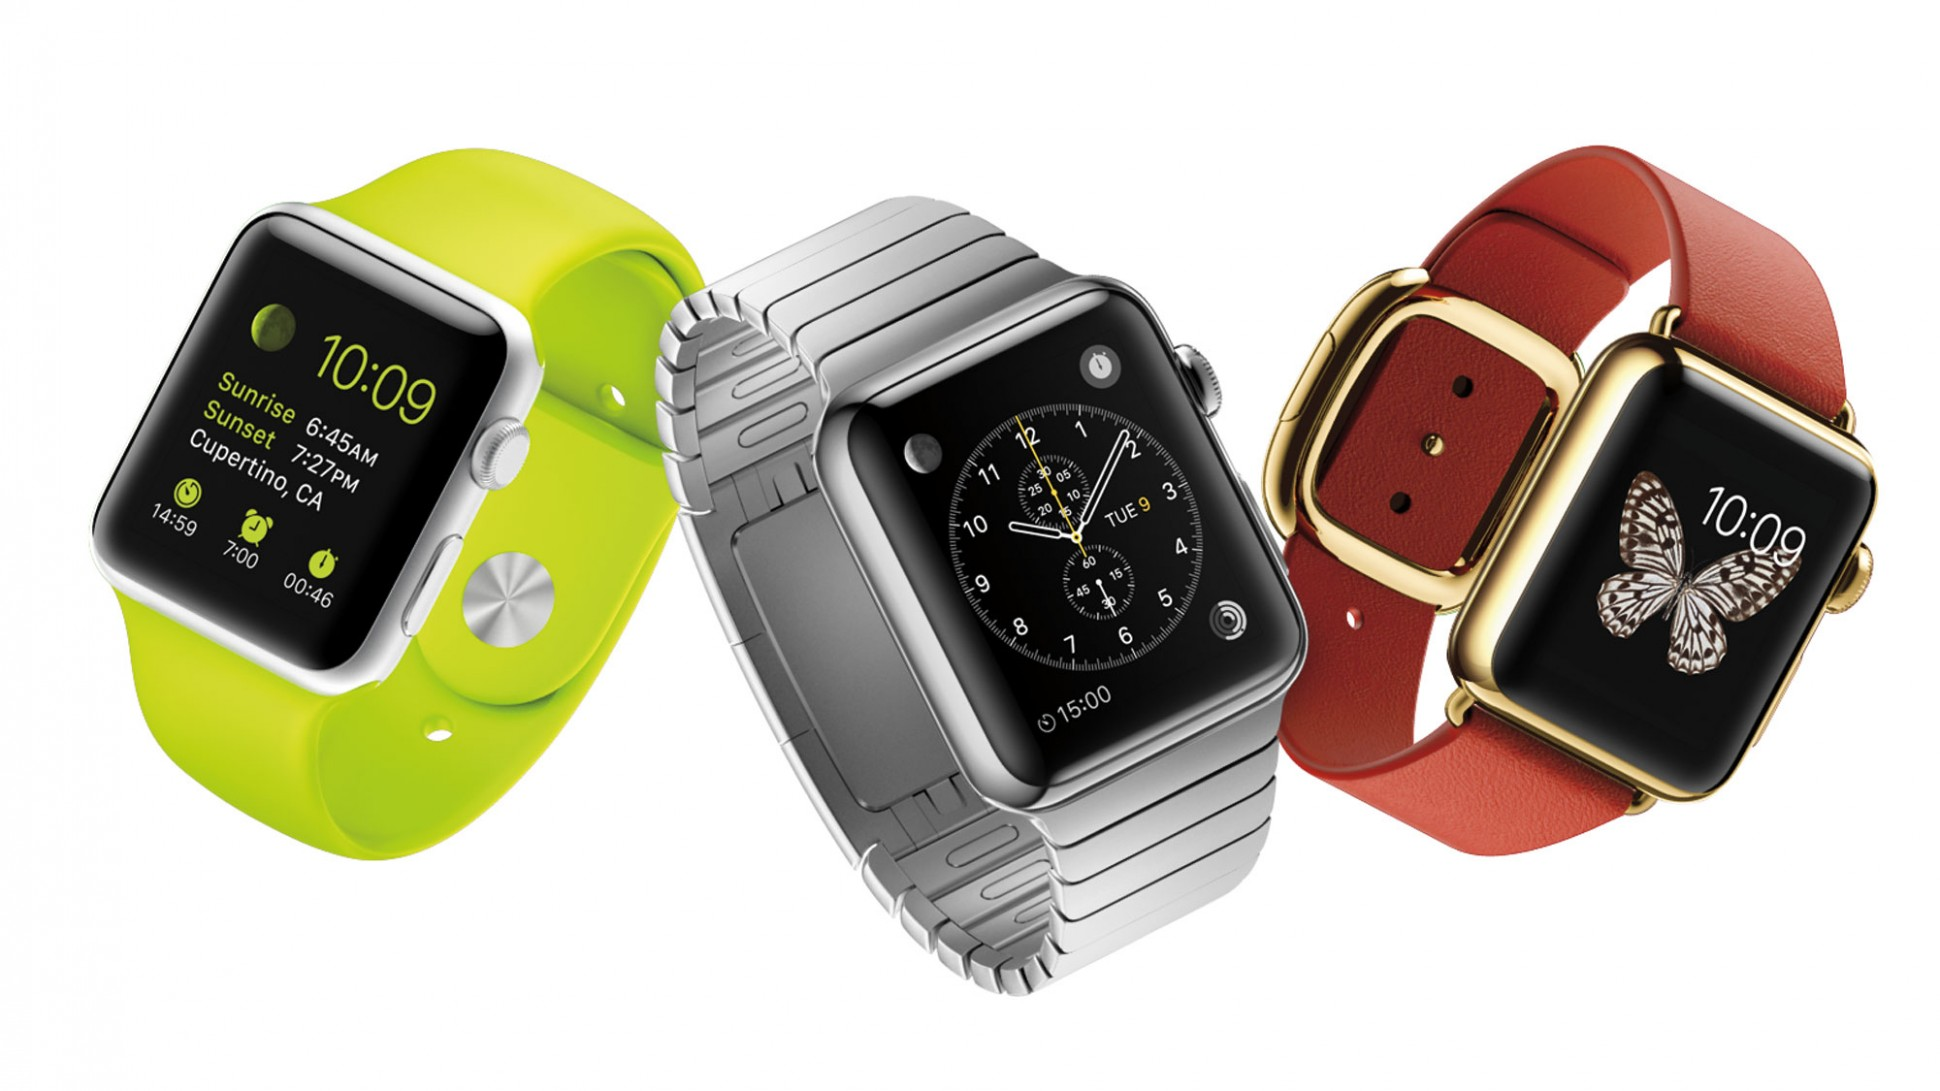 Serait-ce les prix de l'Apple Watch ?